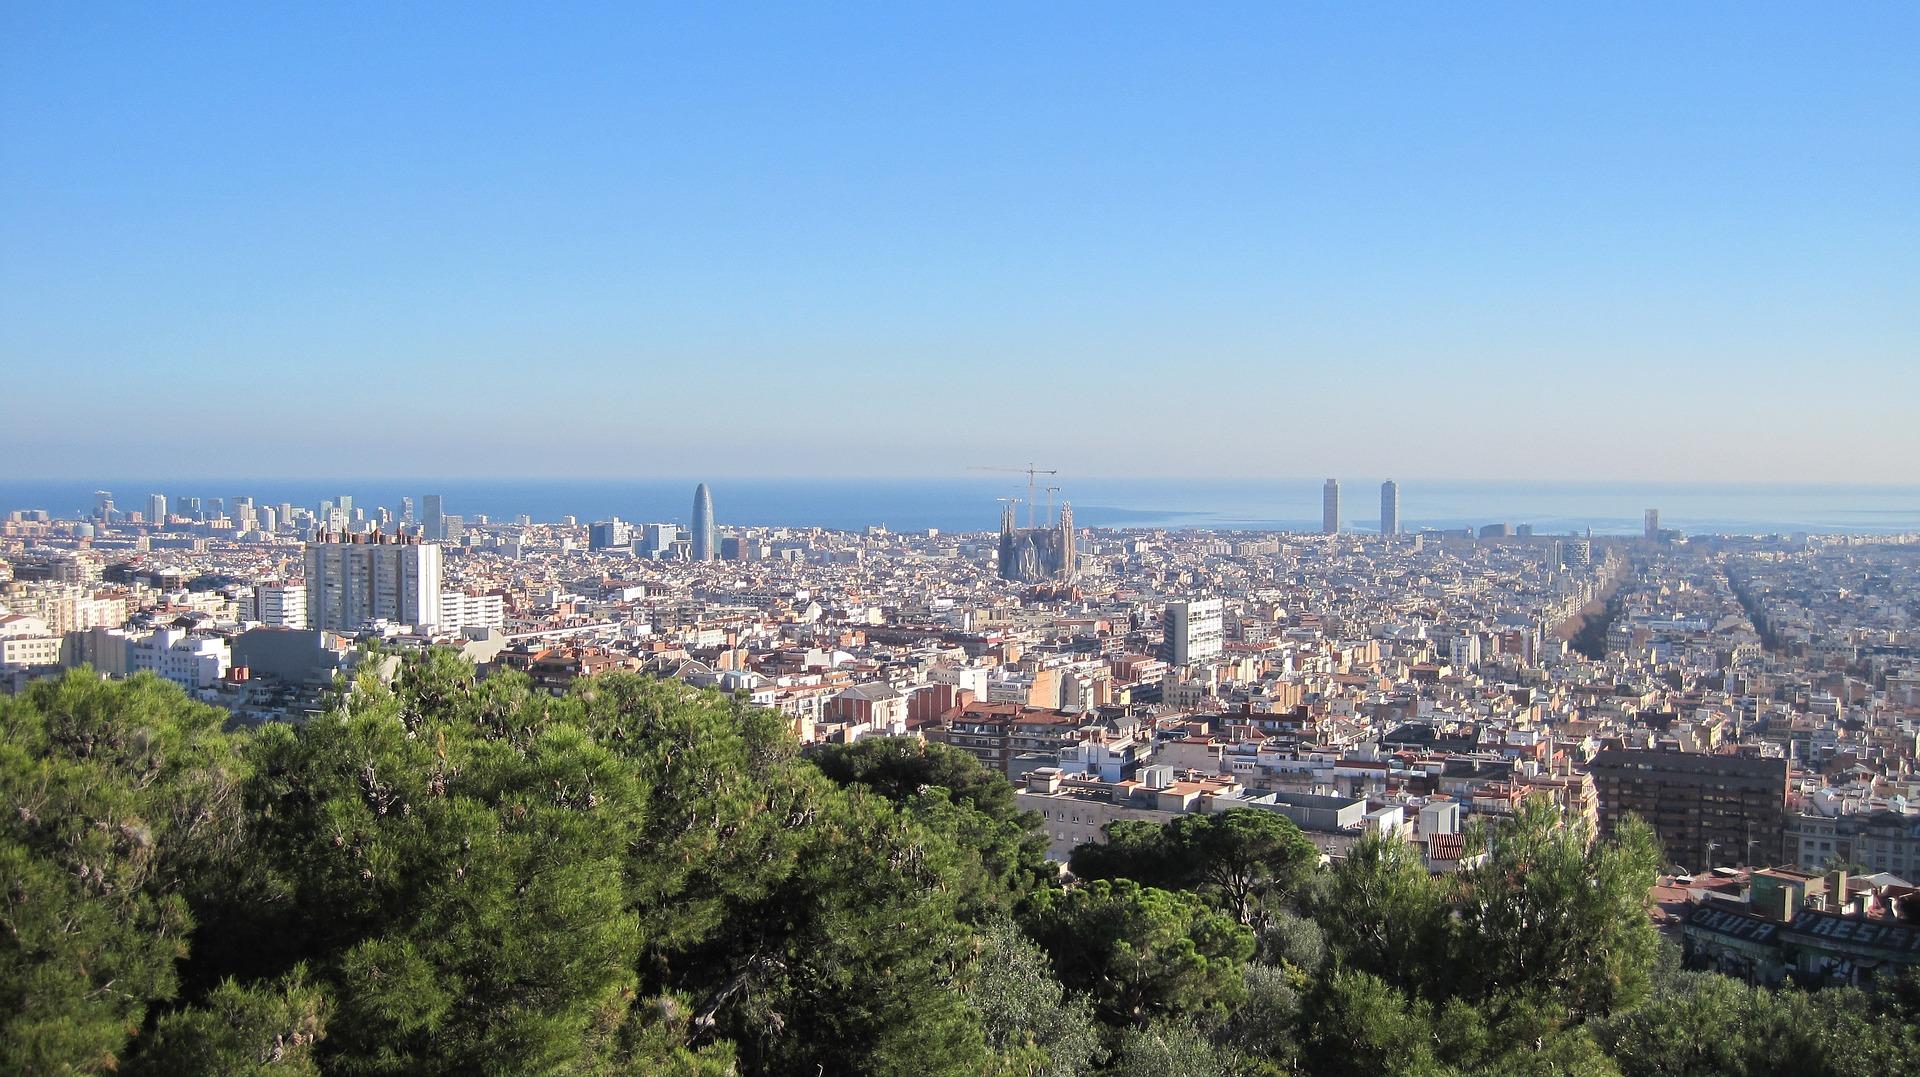 Barcelona solicitors skyline